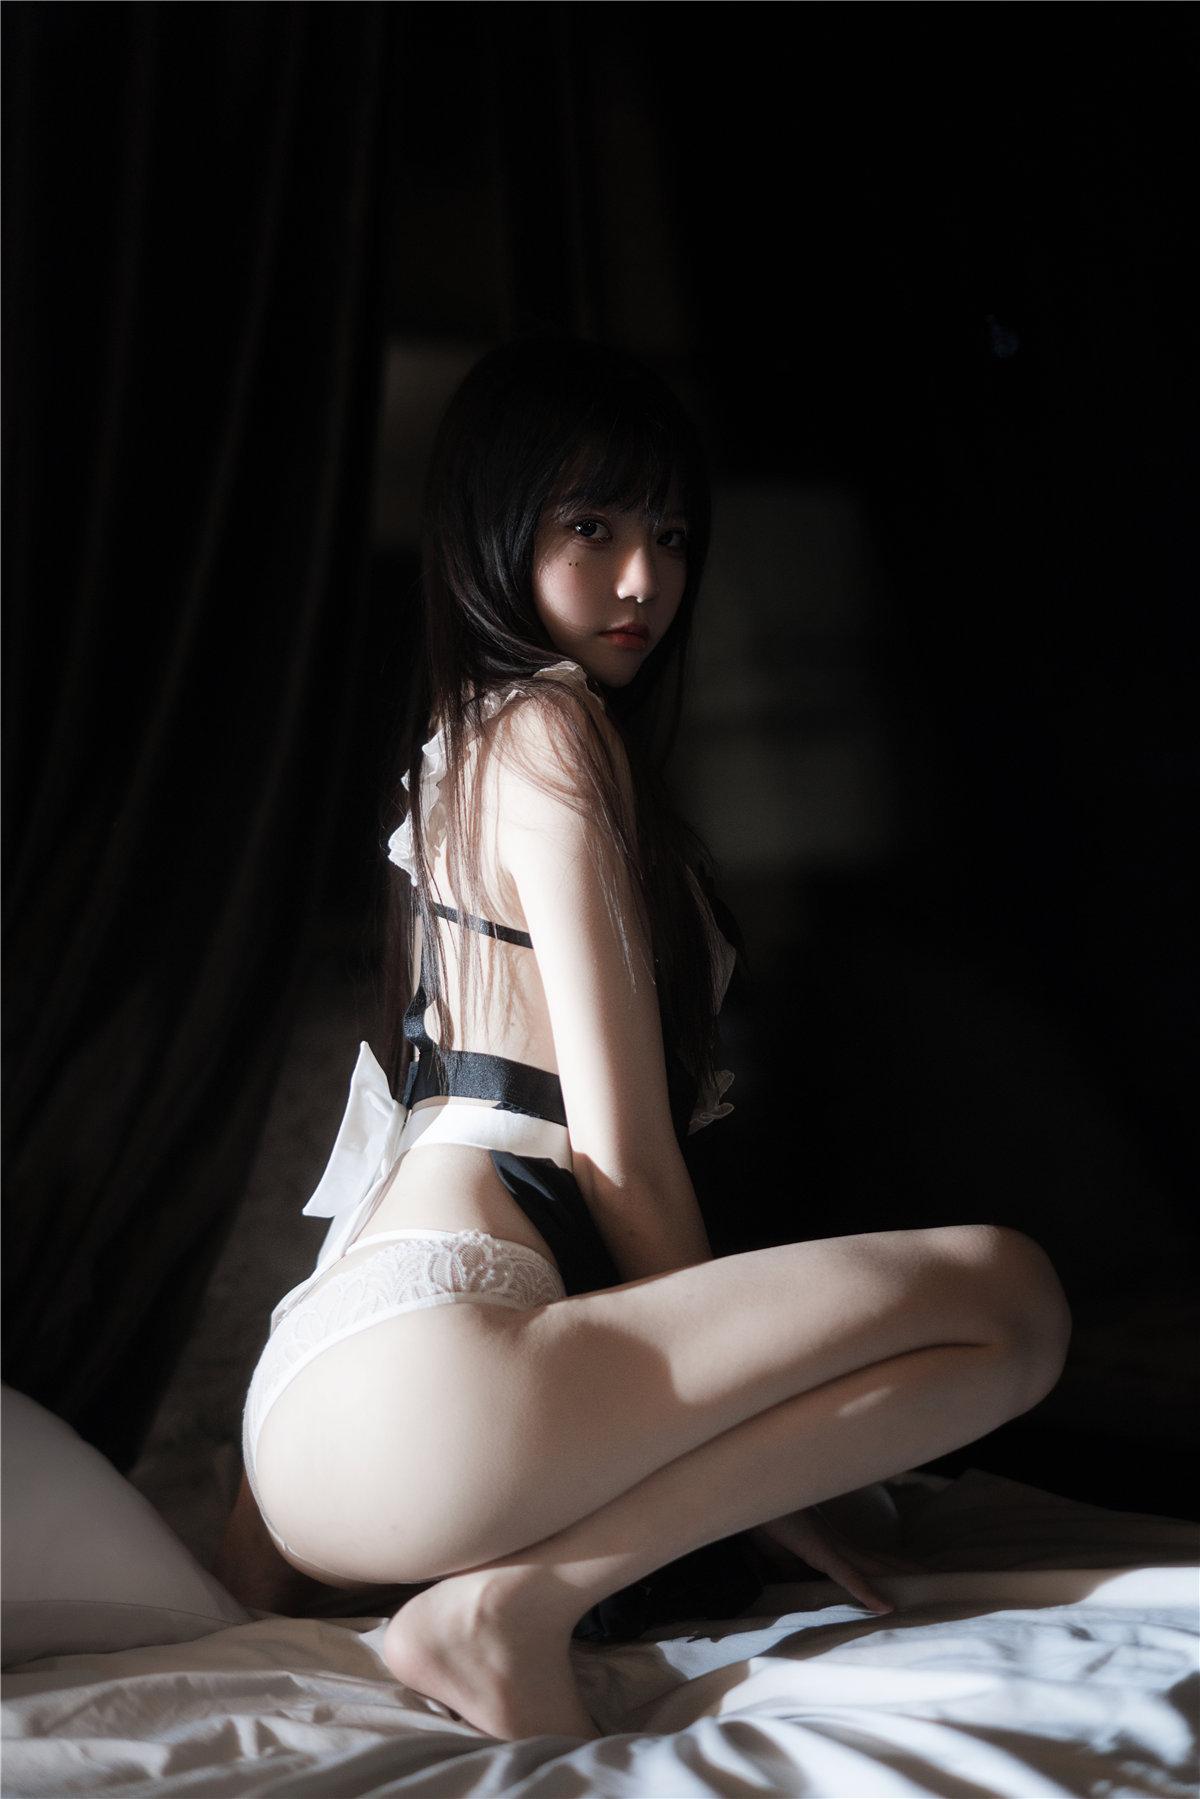 樱桃喵之星月喵主题写真在线看-fulivv.com